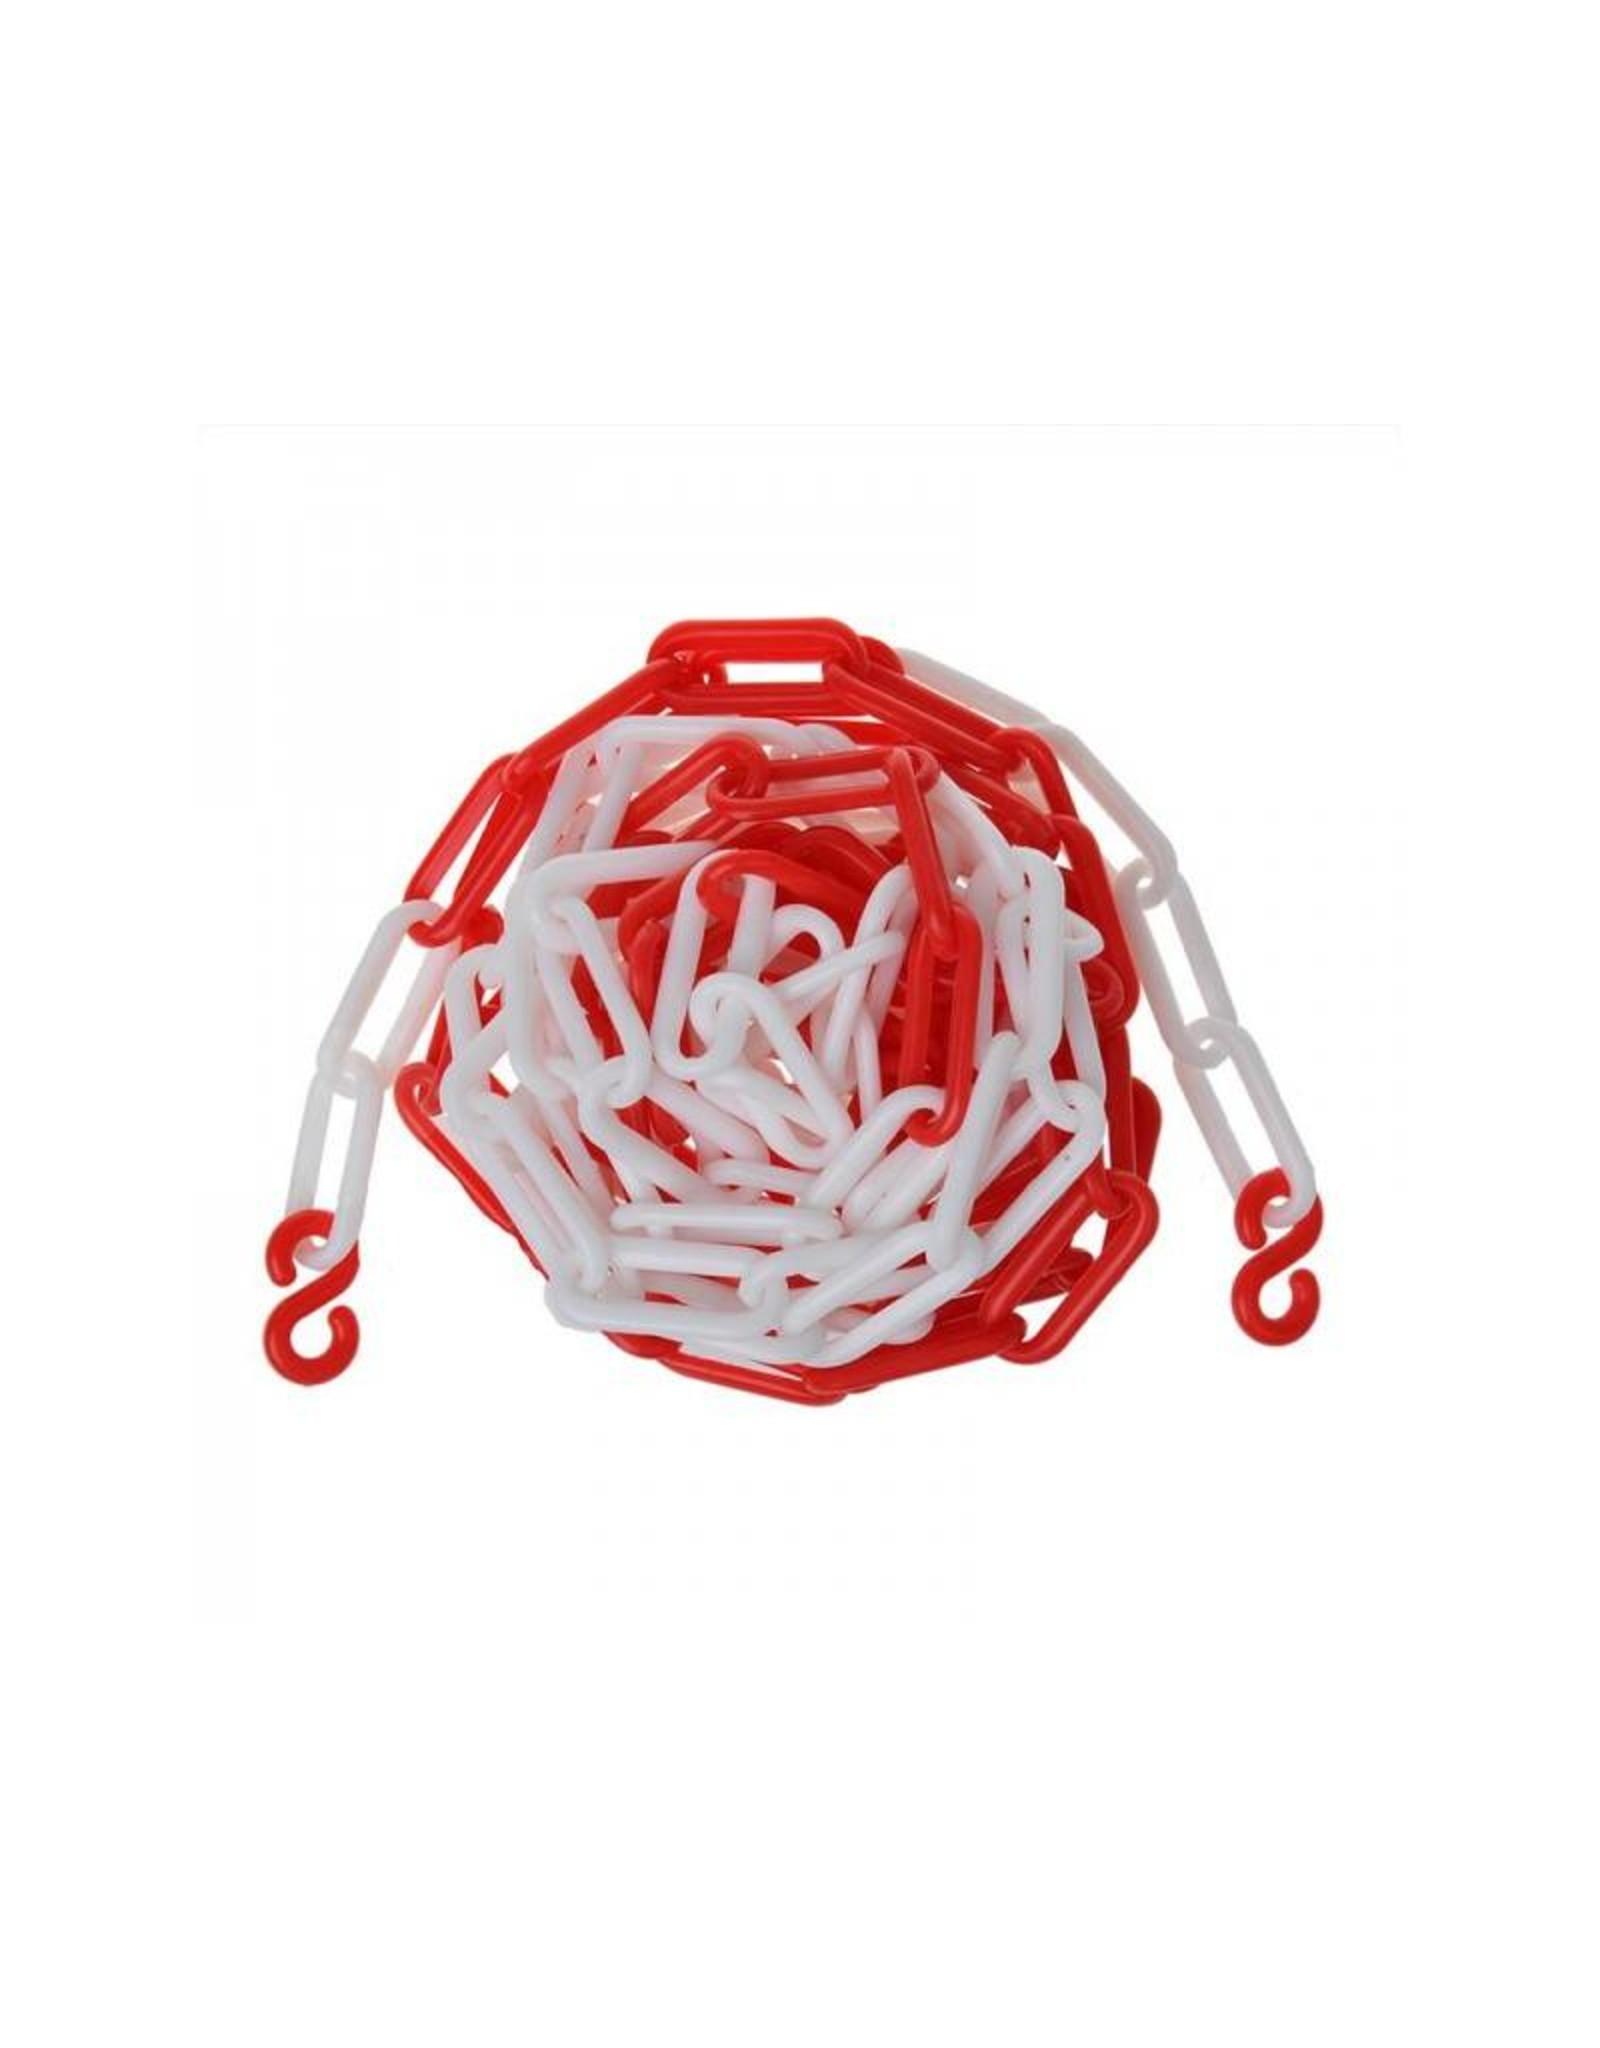 Afzetketting kunststof rood/wit 5M